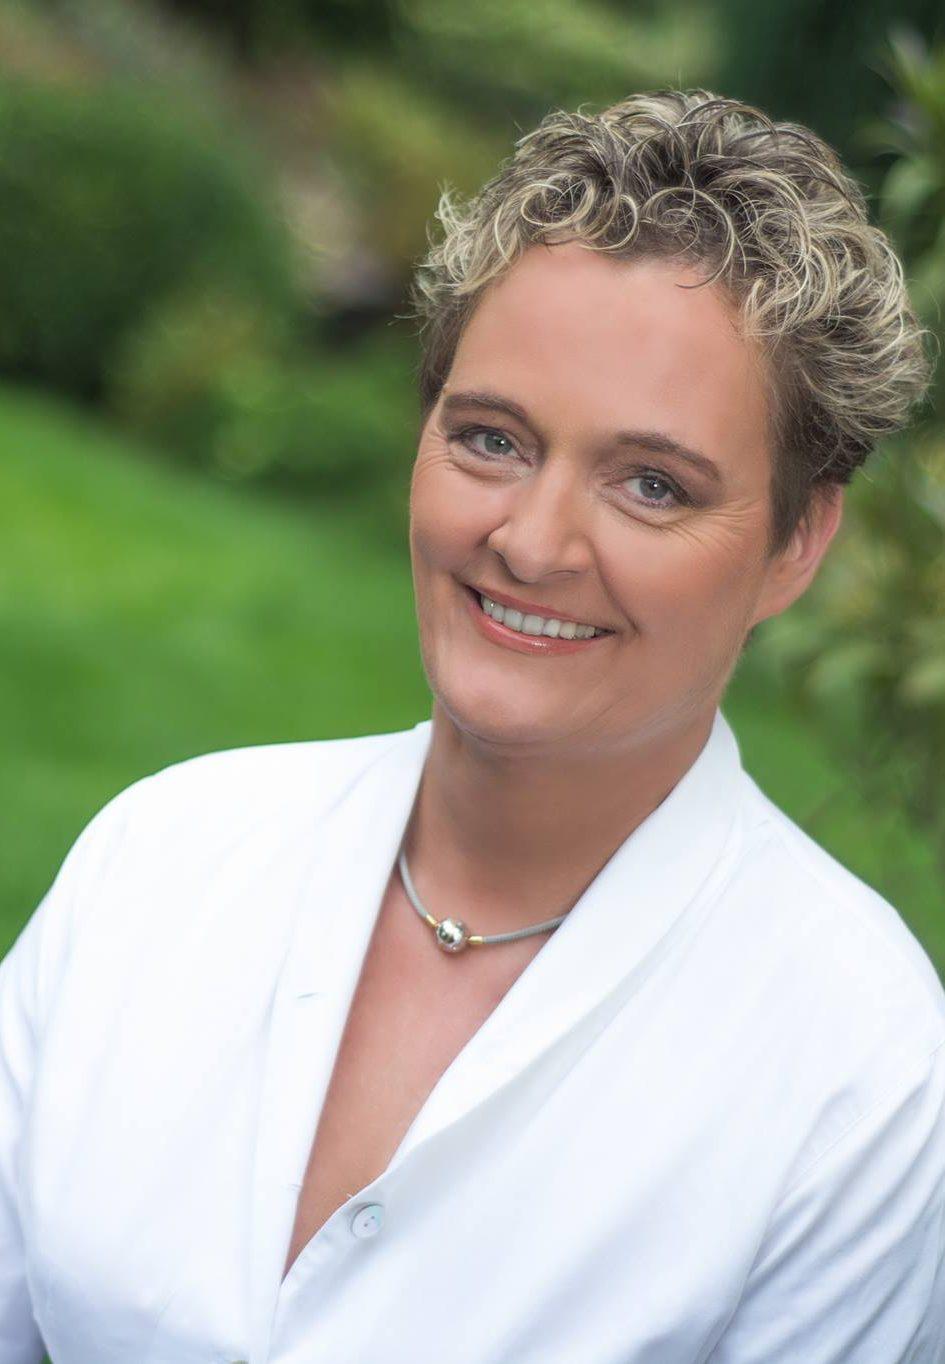 Homöopathie: Cornelia Bajic, 1. Vorsitzende des Deutschen Zentralvereins homöopathischer Ärzte (DZVhÄ)